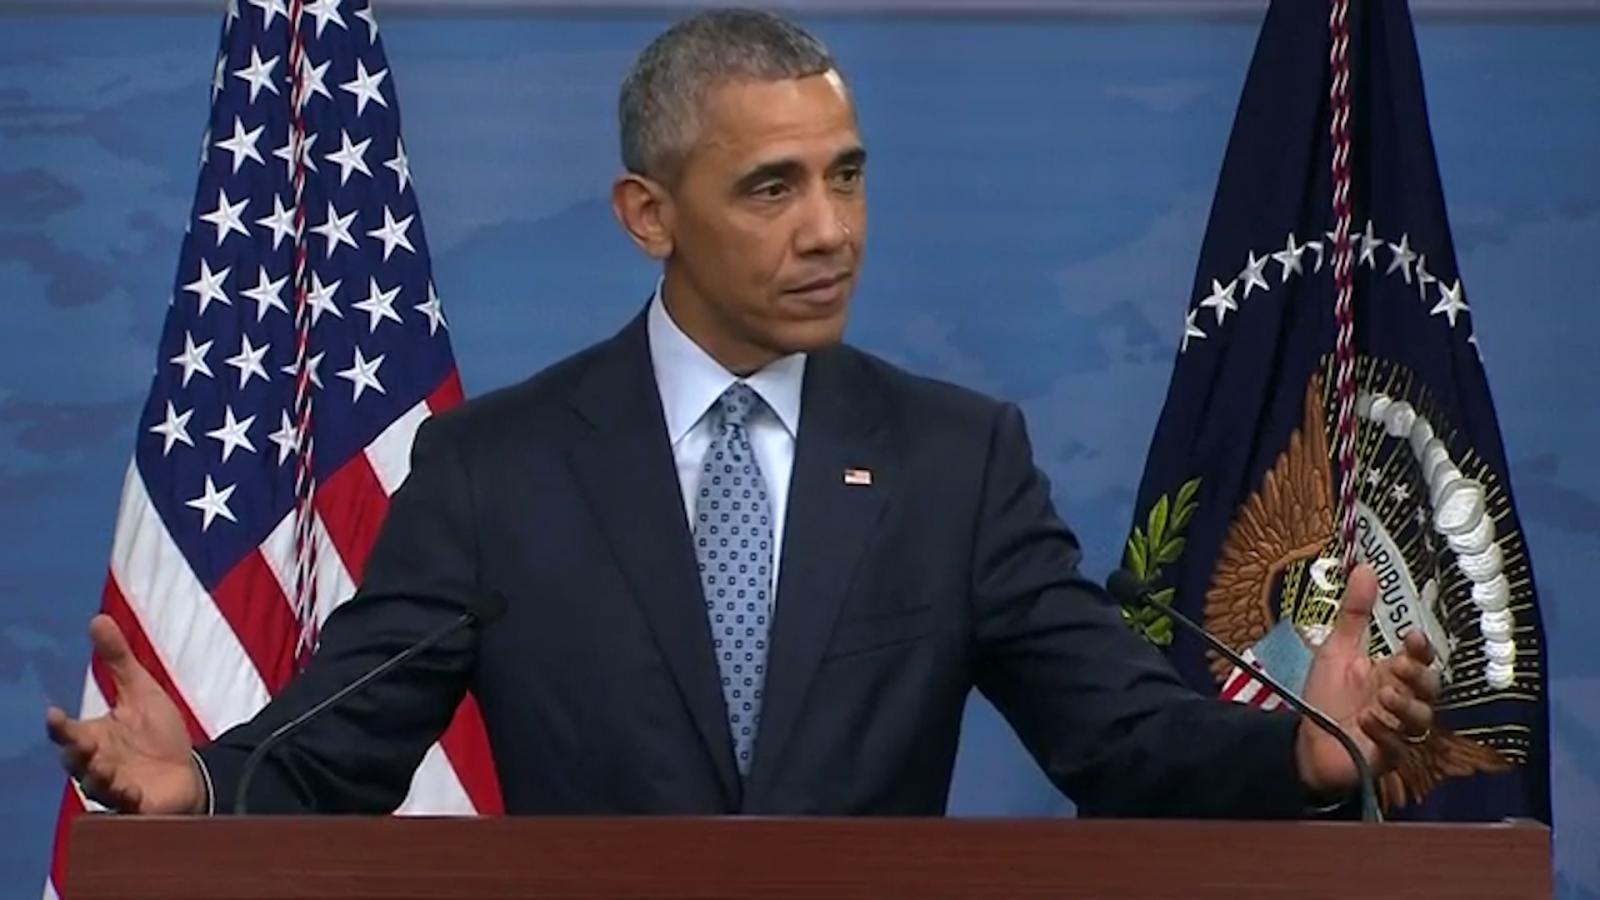 President Obama on Iran money